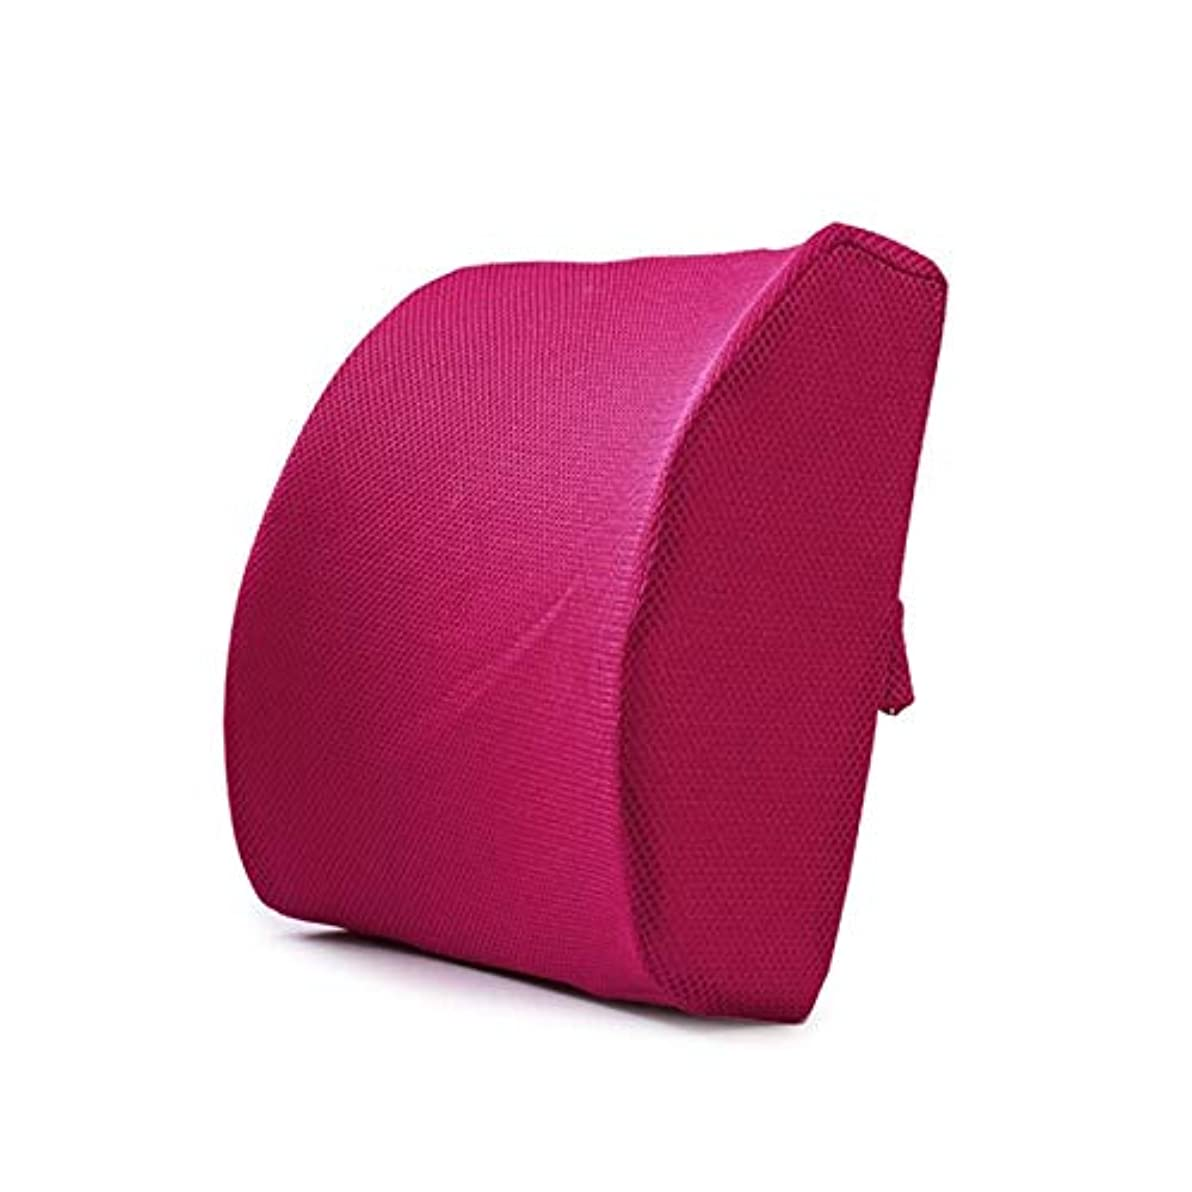 論理的惑星シャイLIFE ホームオフィス背もたれ椅子腰椎クッションカーシートネック枕 3D 低反発サポートバックマッサージウエストレスリビング枕 クッション 椅子